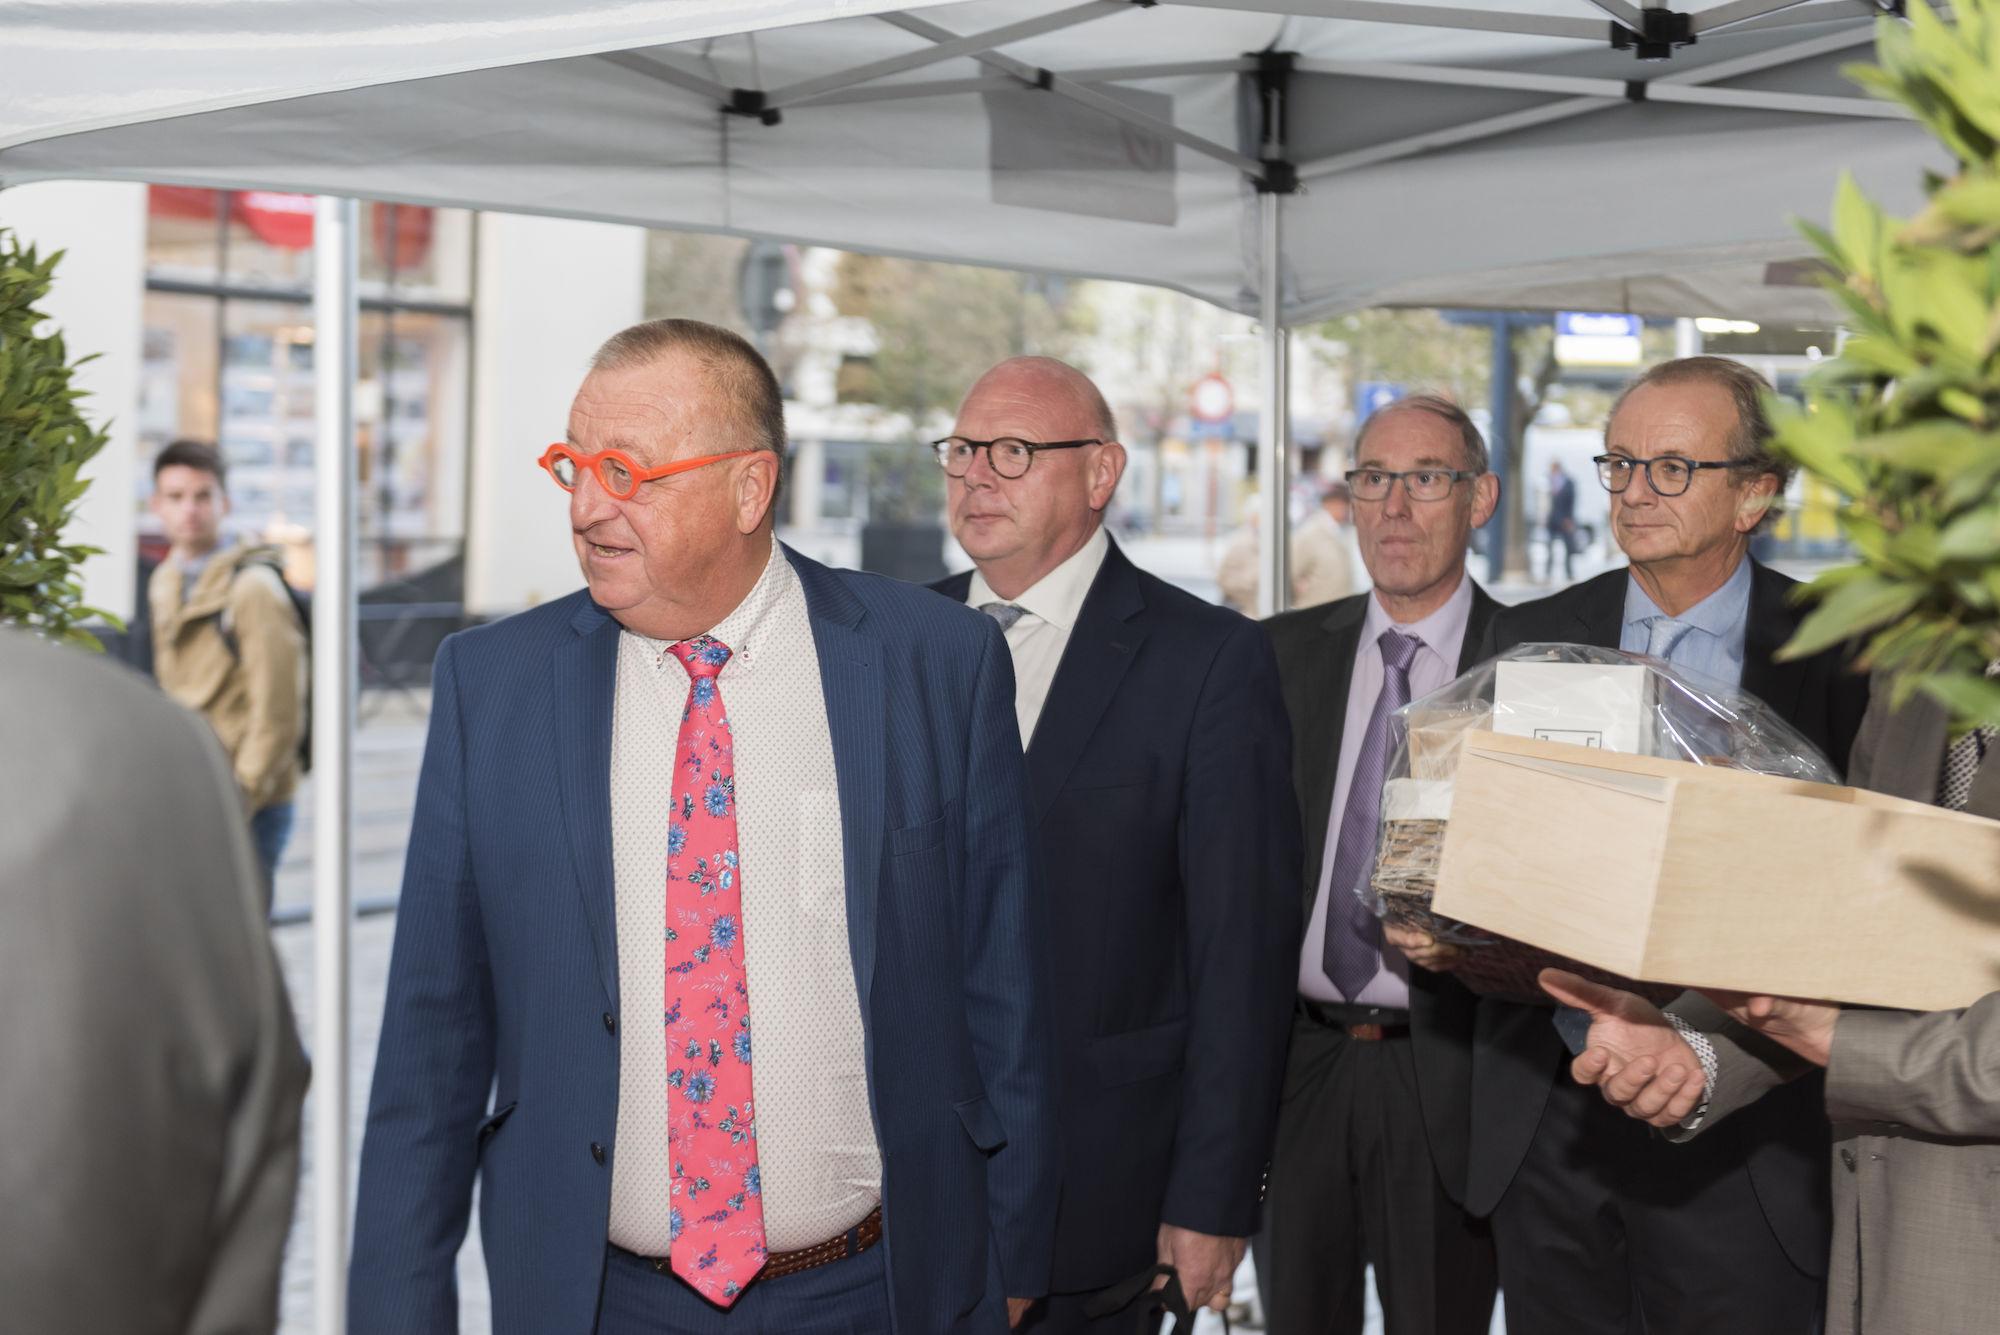 20181023 Afscheidsviering gouverneur Jan Briers 00012.jpg